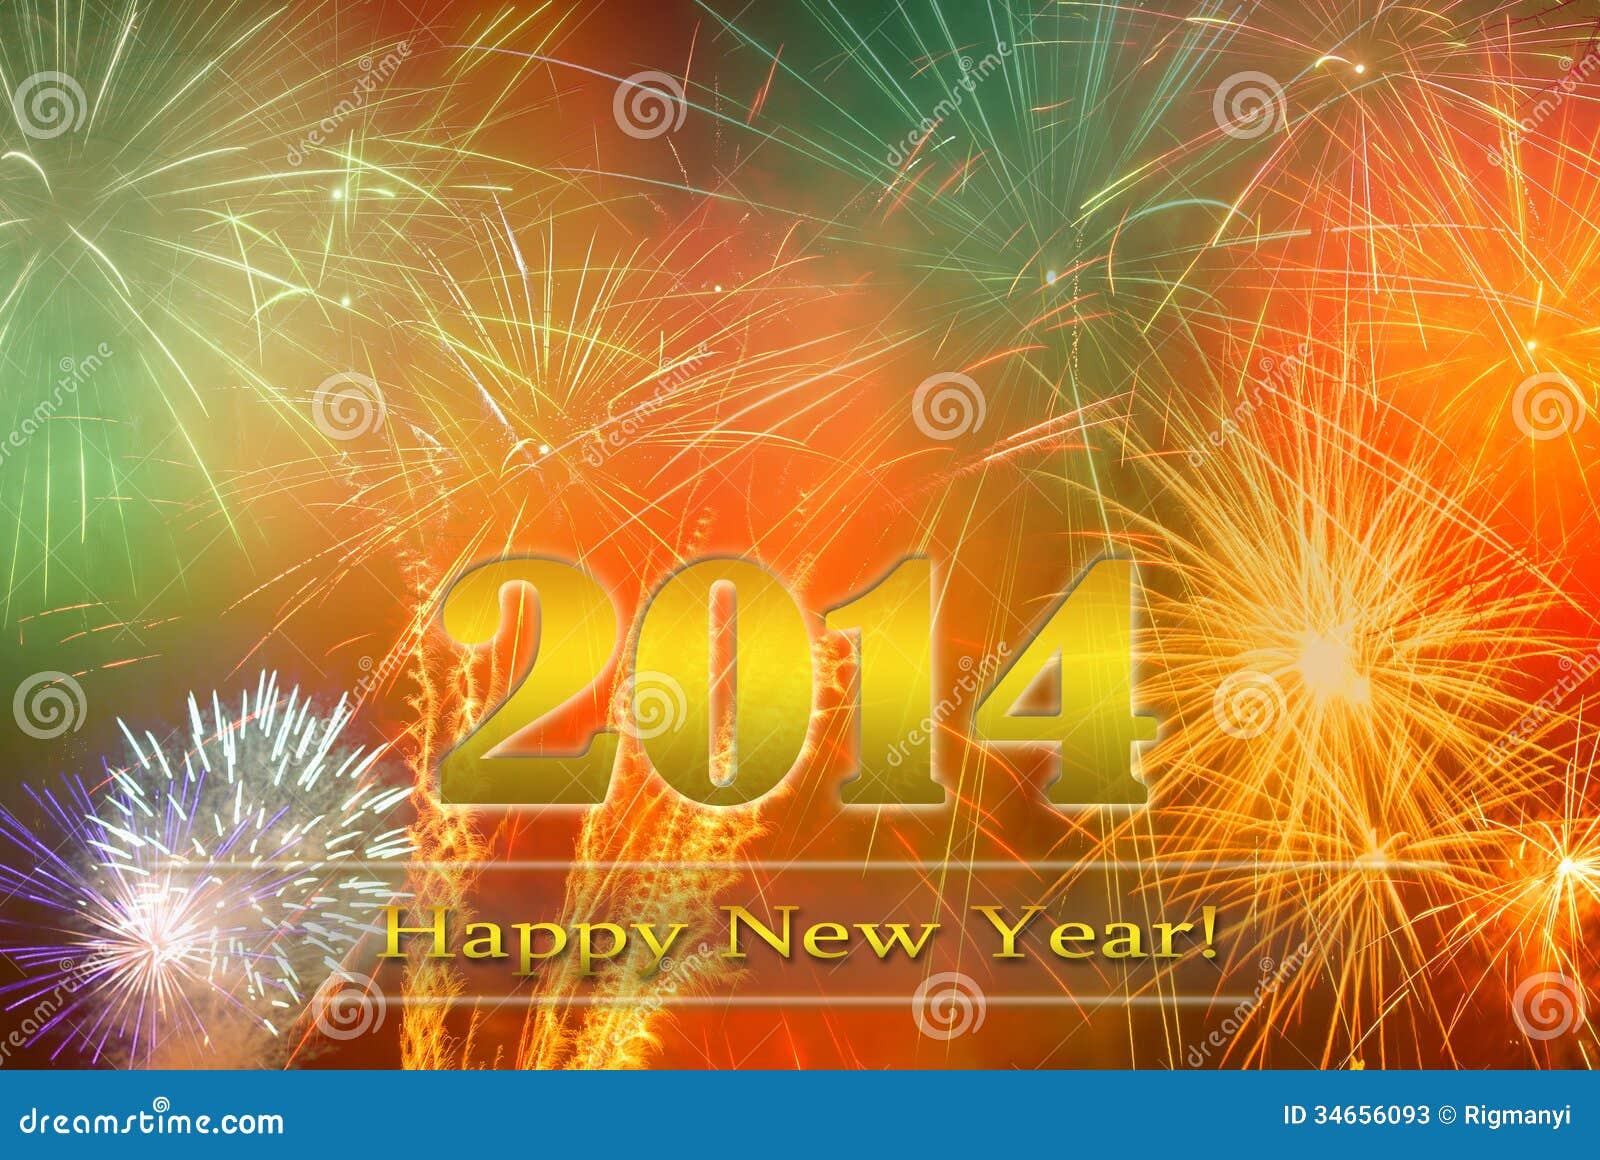 Lyckligt nytt år 2014